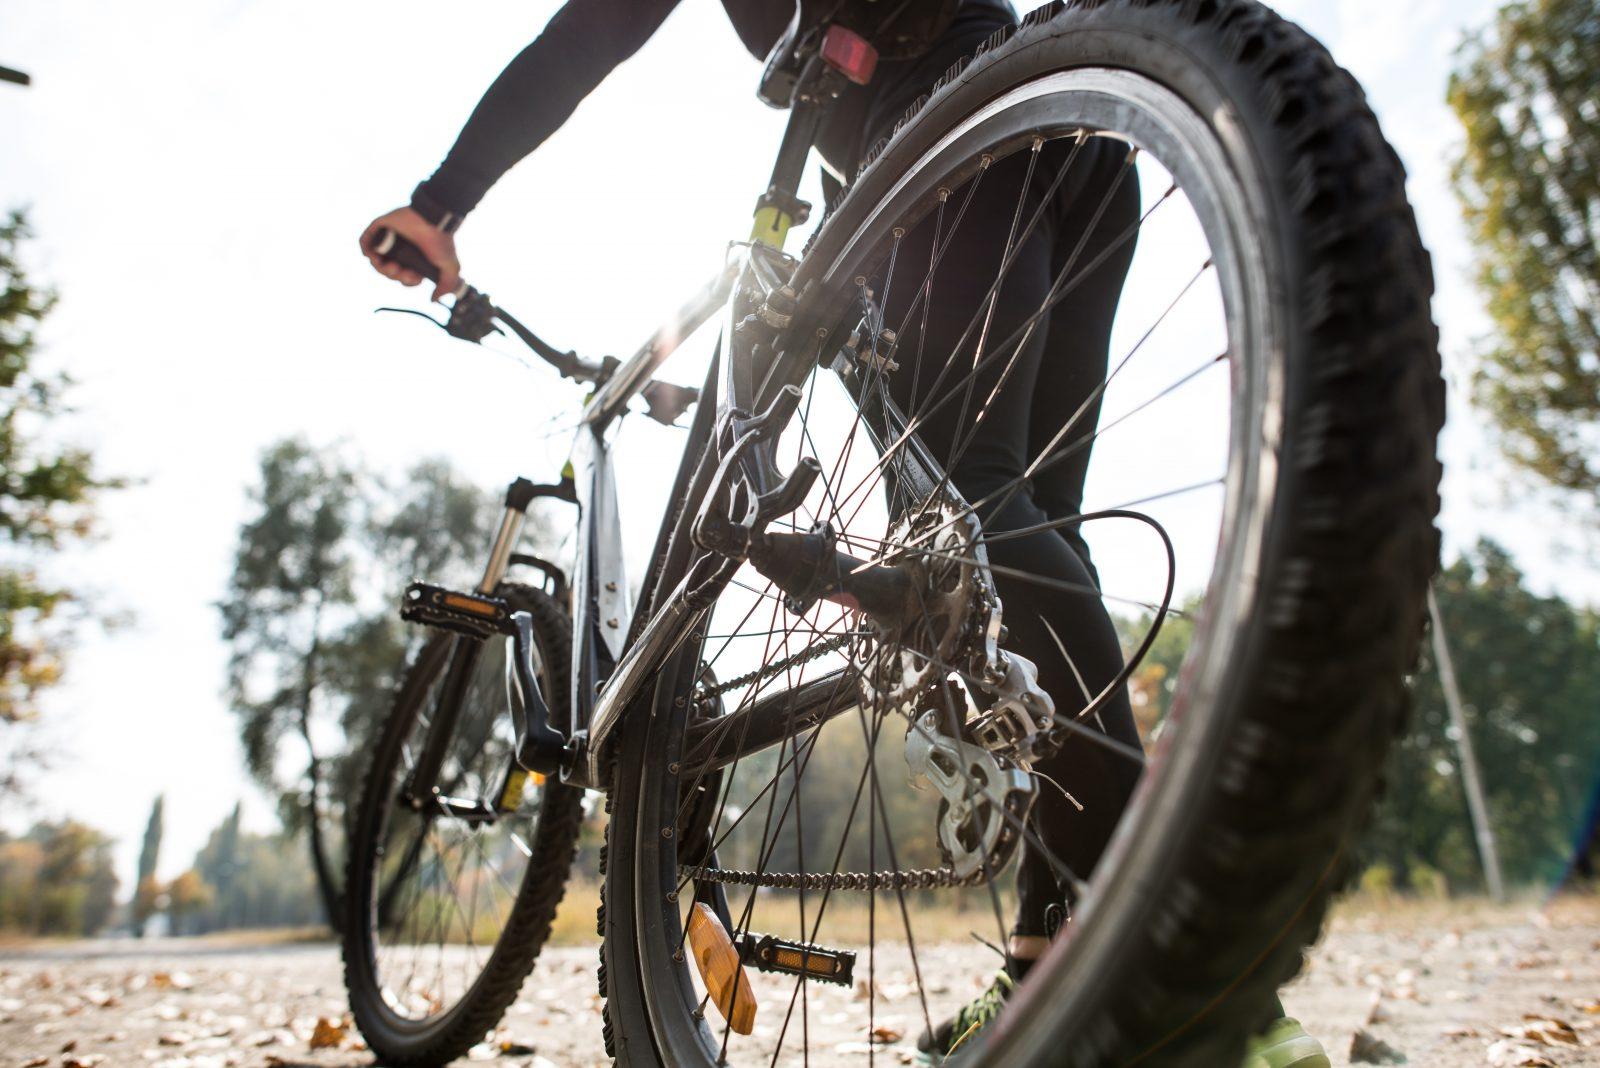 Le vélo électrique, bien plus polluant que le bicycle à pédales? Faux